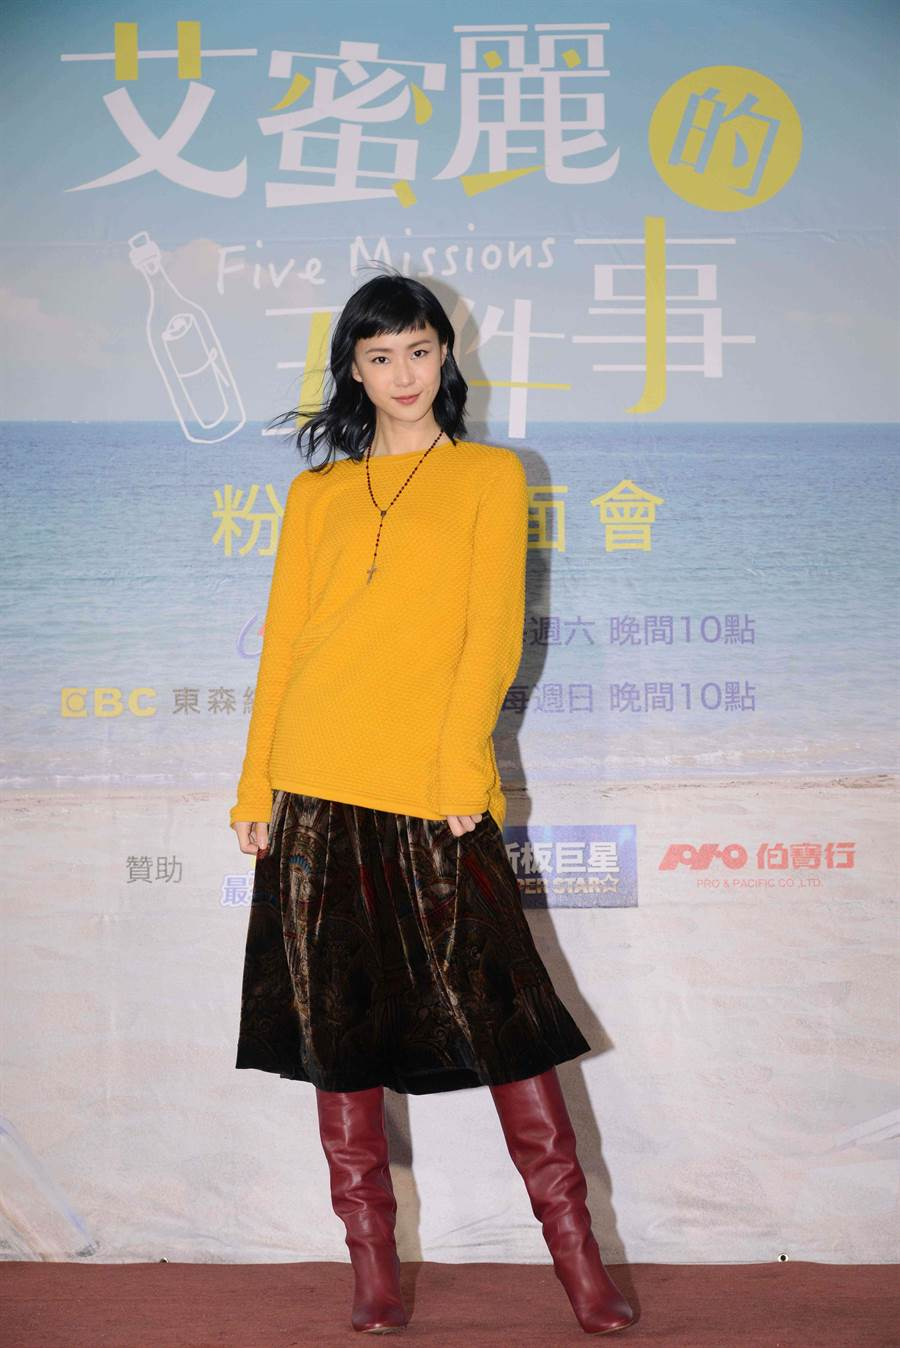 鍾瑶出席《艾蜜麗的五件事》粉絲見面會。(東森)